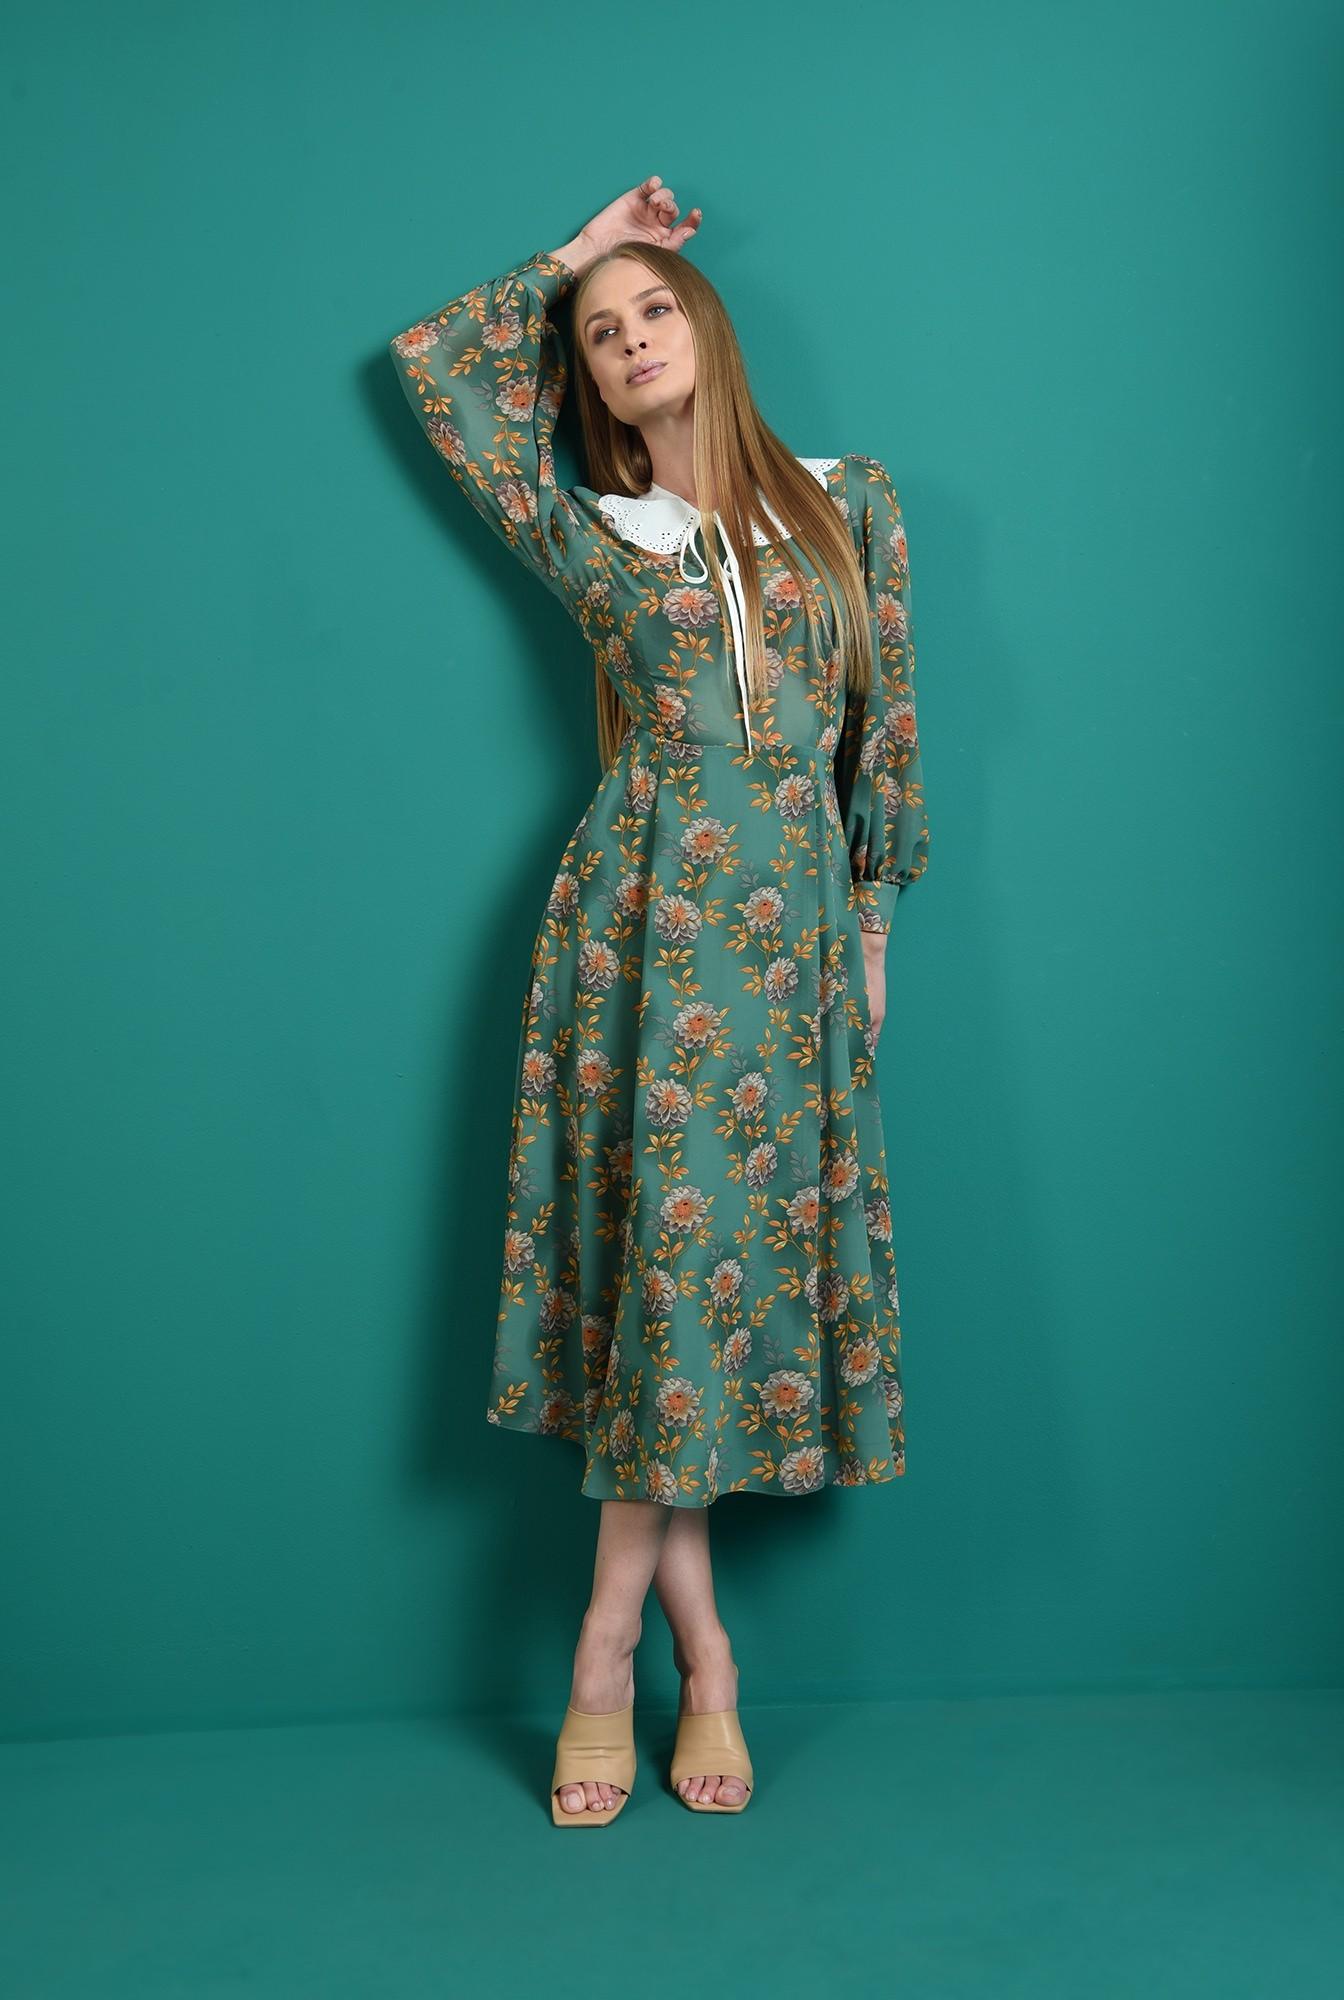 0 - rochie evazata, verde, cu guler aplicat